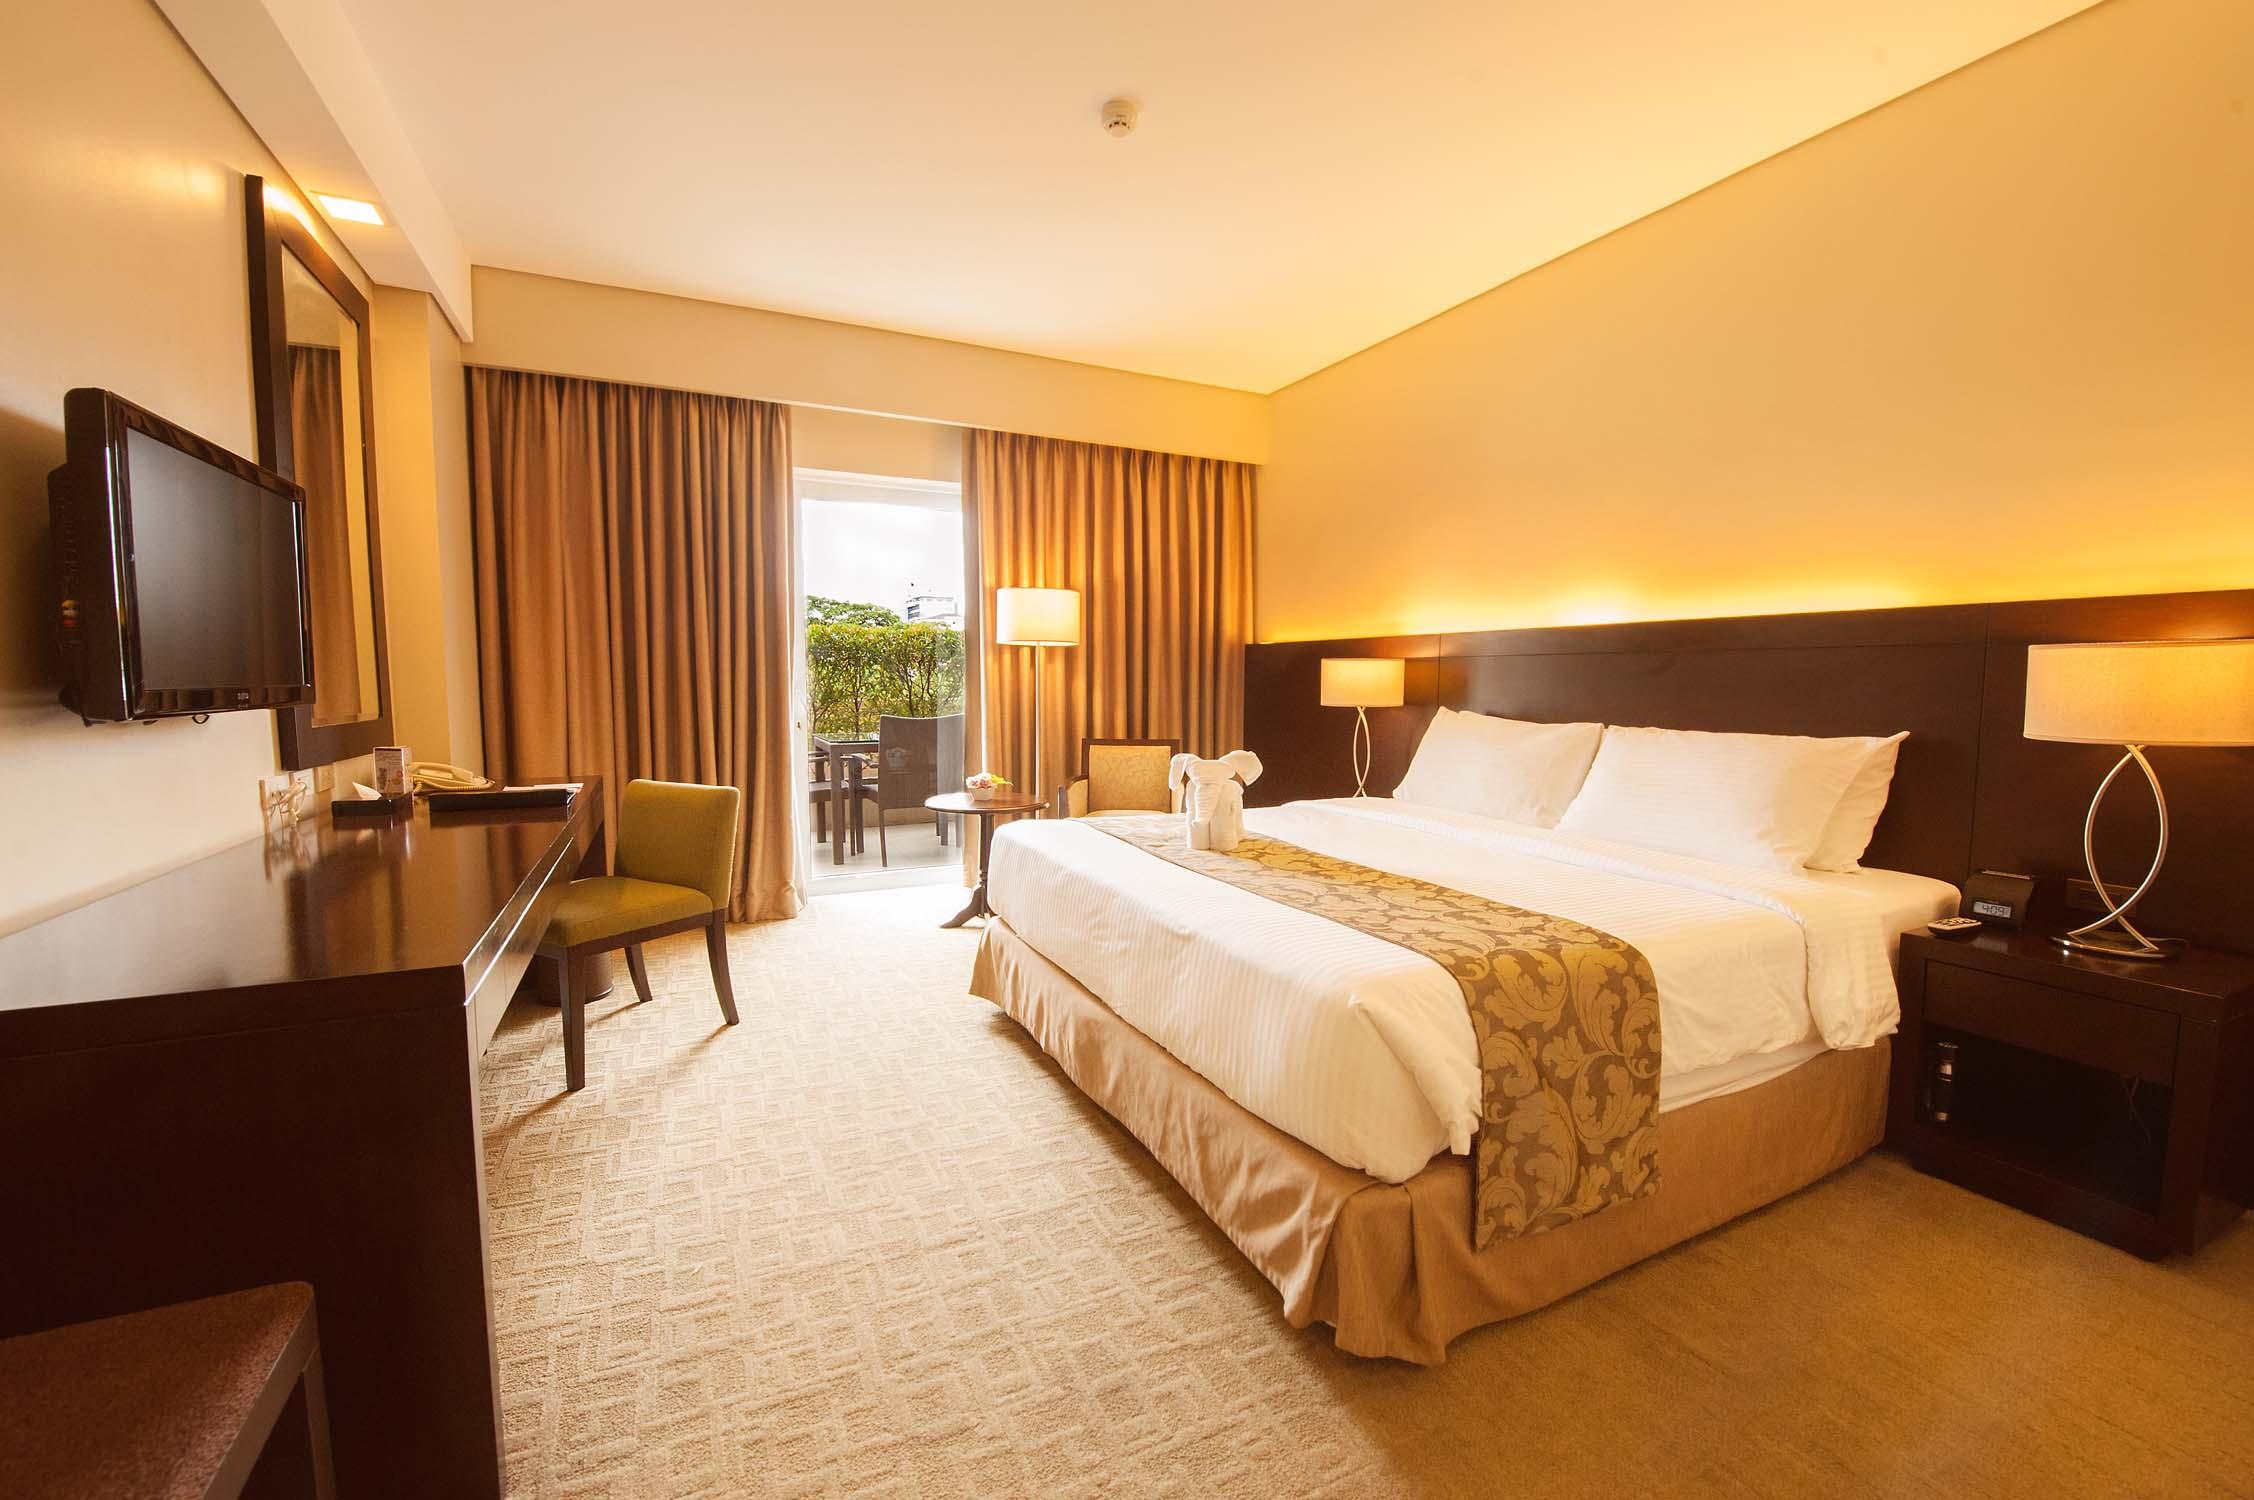 D:\2020 DESKTOP FILES\RMA NEWS\ARTICLES\ARTICLE 670 - HAROLDS HOTEL BRUNCH\HAROLDS HOTEL BREAKFAST\Deluxe King (with veranda) 1.jpg